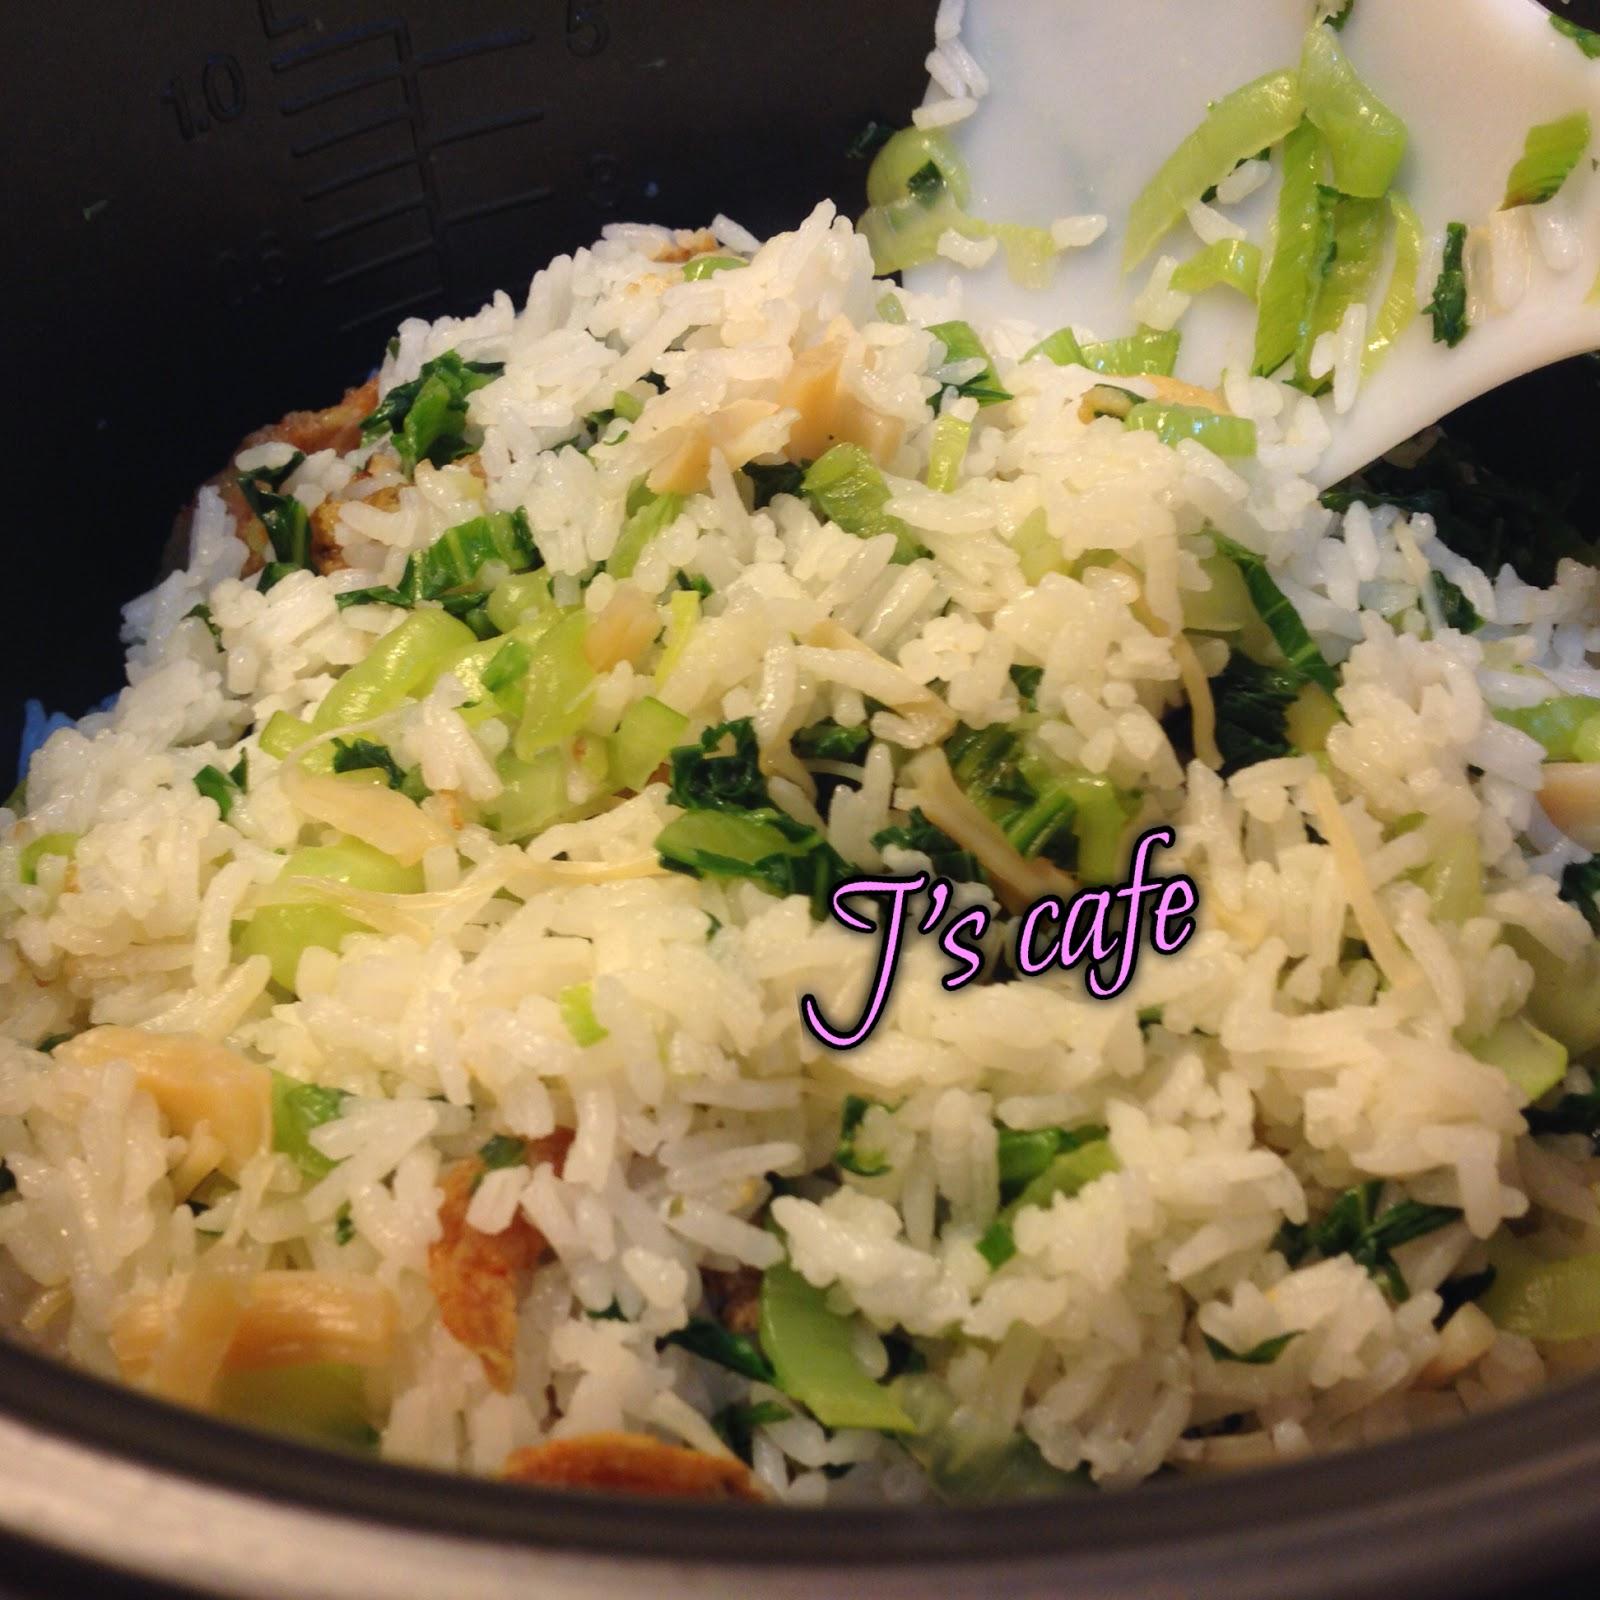 J's cafe 與我: 大地魚湯瑤柱菜飯